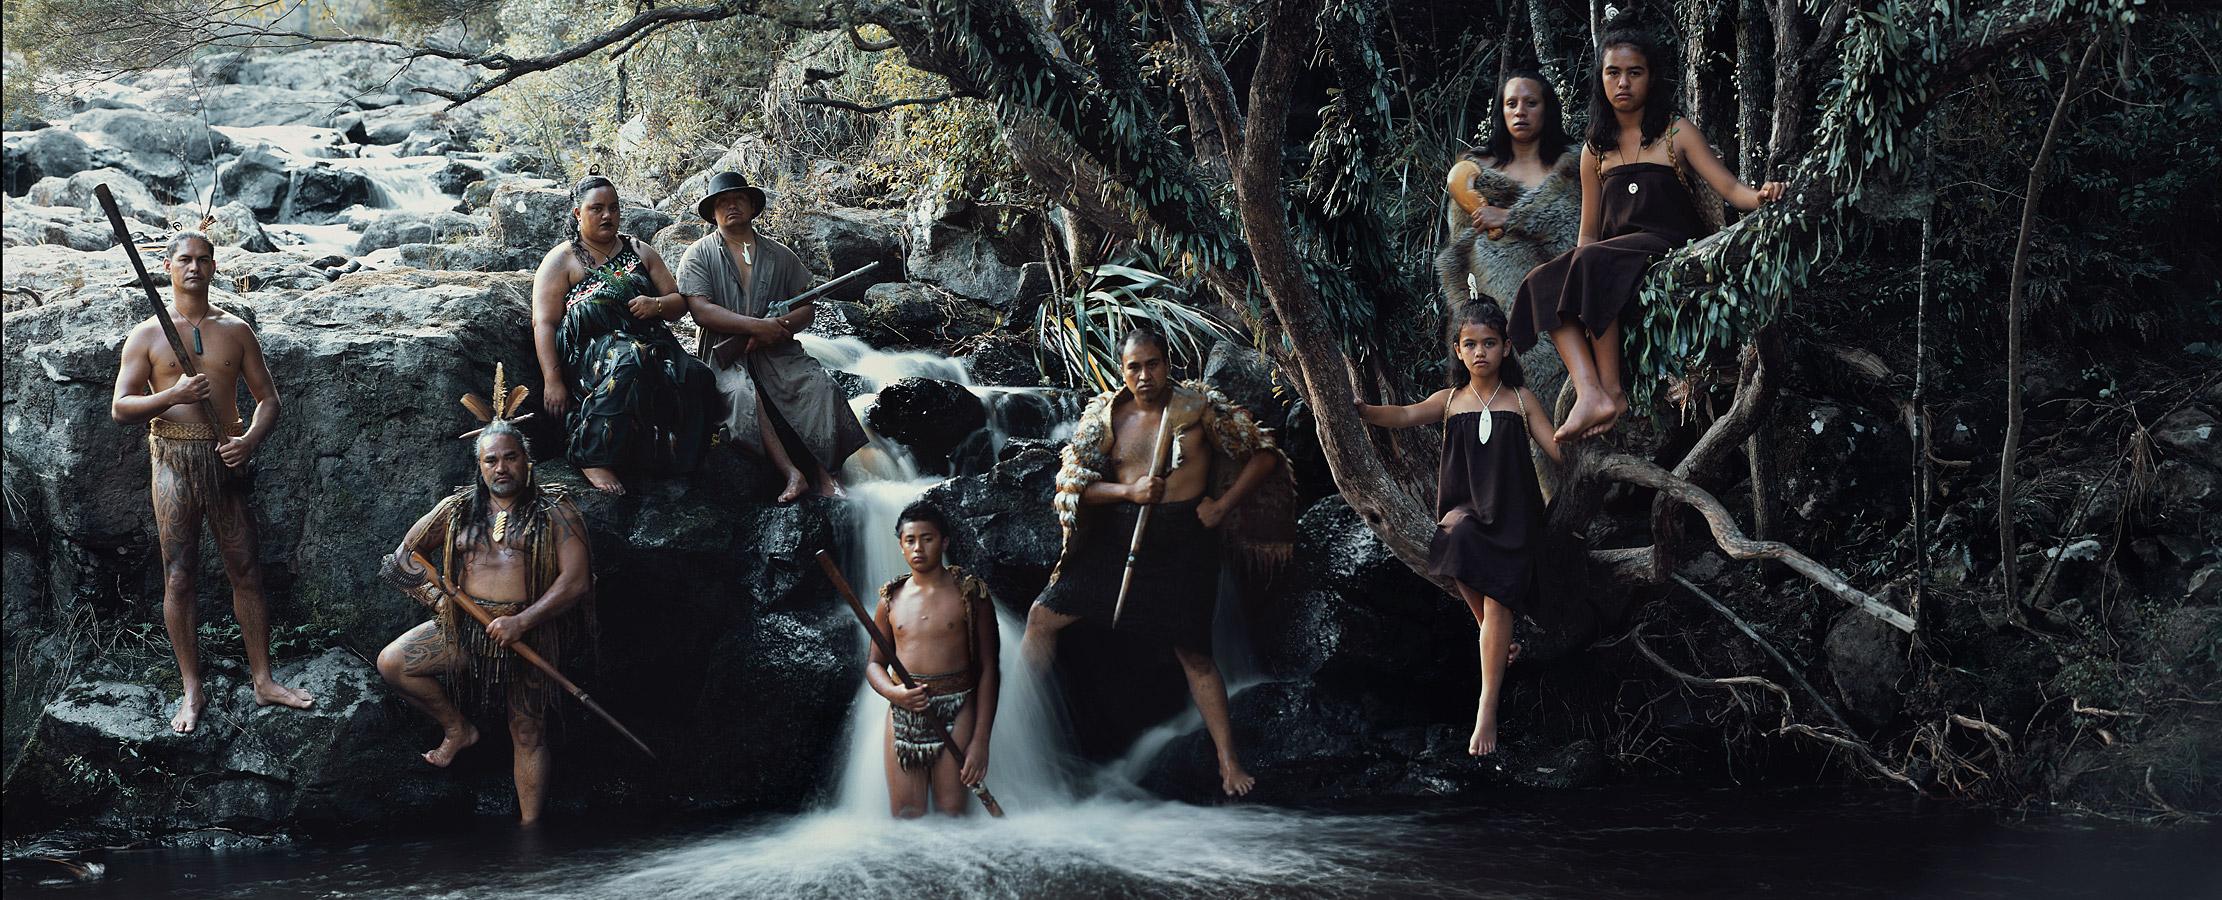 before-they-pass-away-vanishing-tribe-new-zealand-maori-01